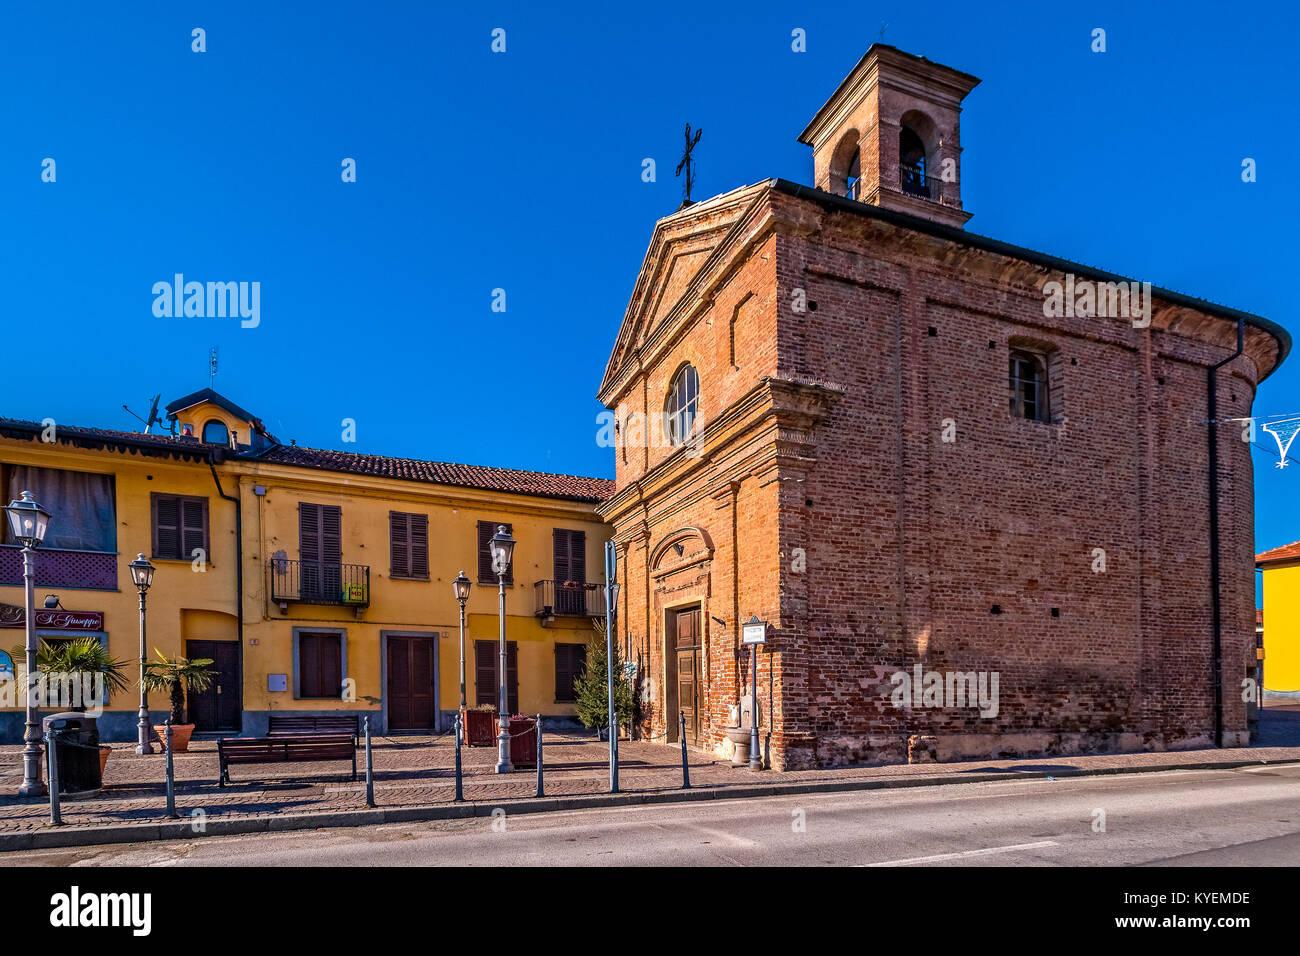 Italy Piedmont Trofarello Piazzetta San Giuseppe - Church San Giuseppe Agonizzante - Stock Image